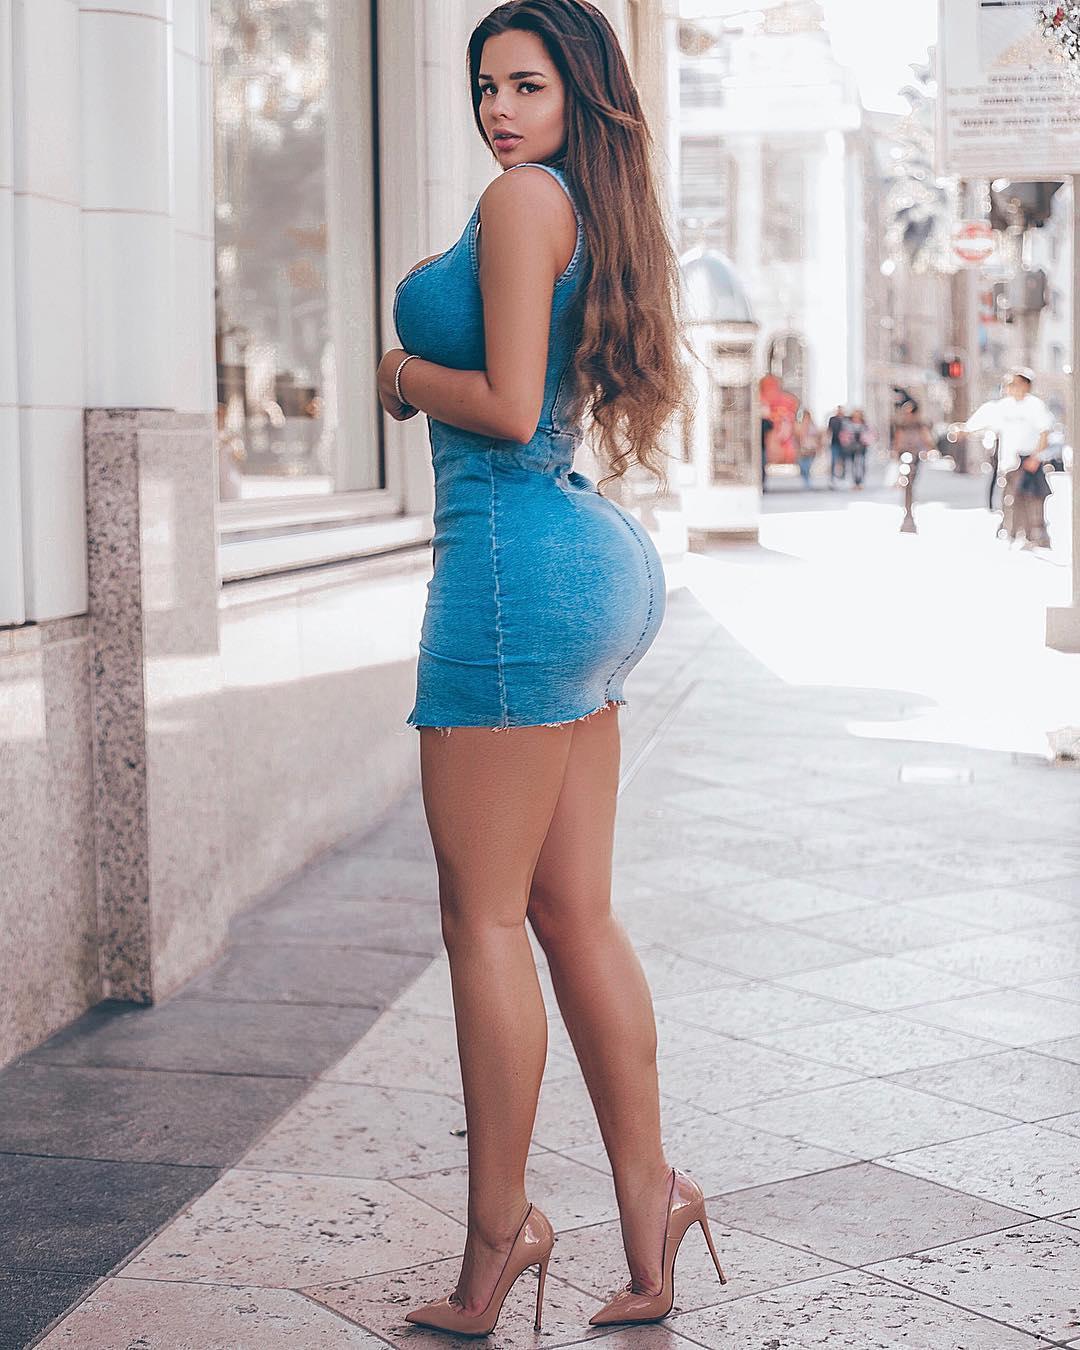 Anastasia_kvitko287.jpg